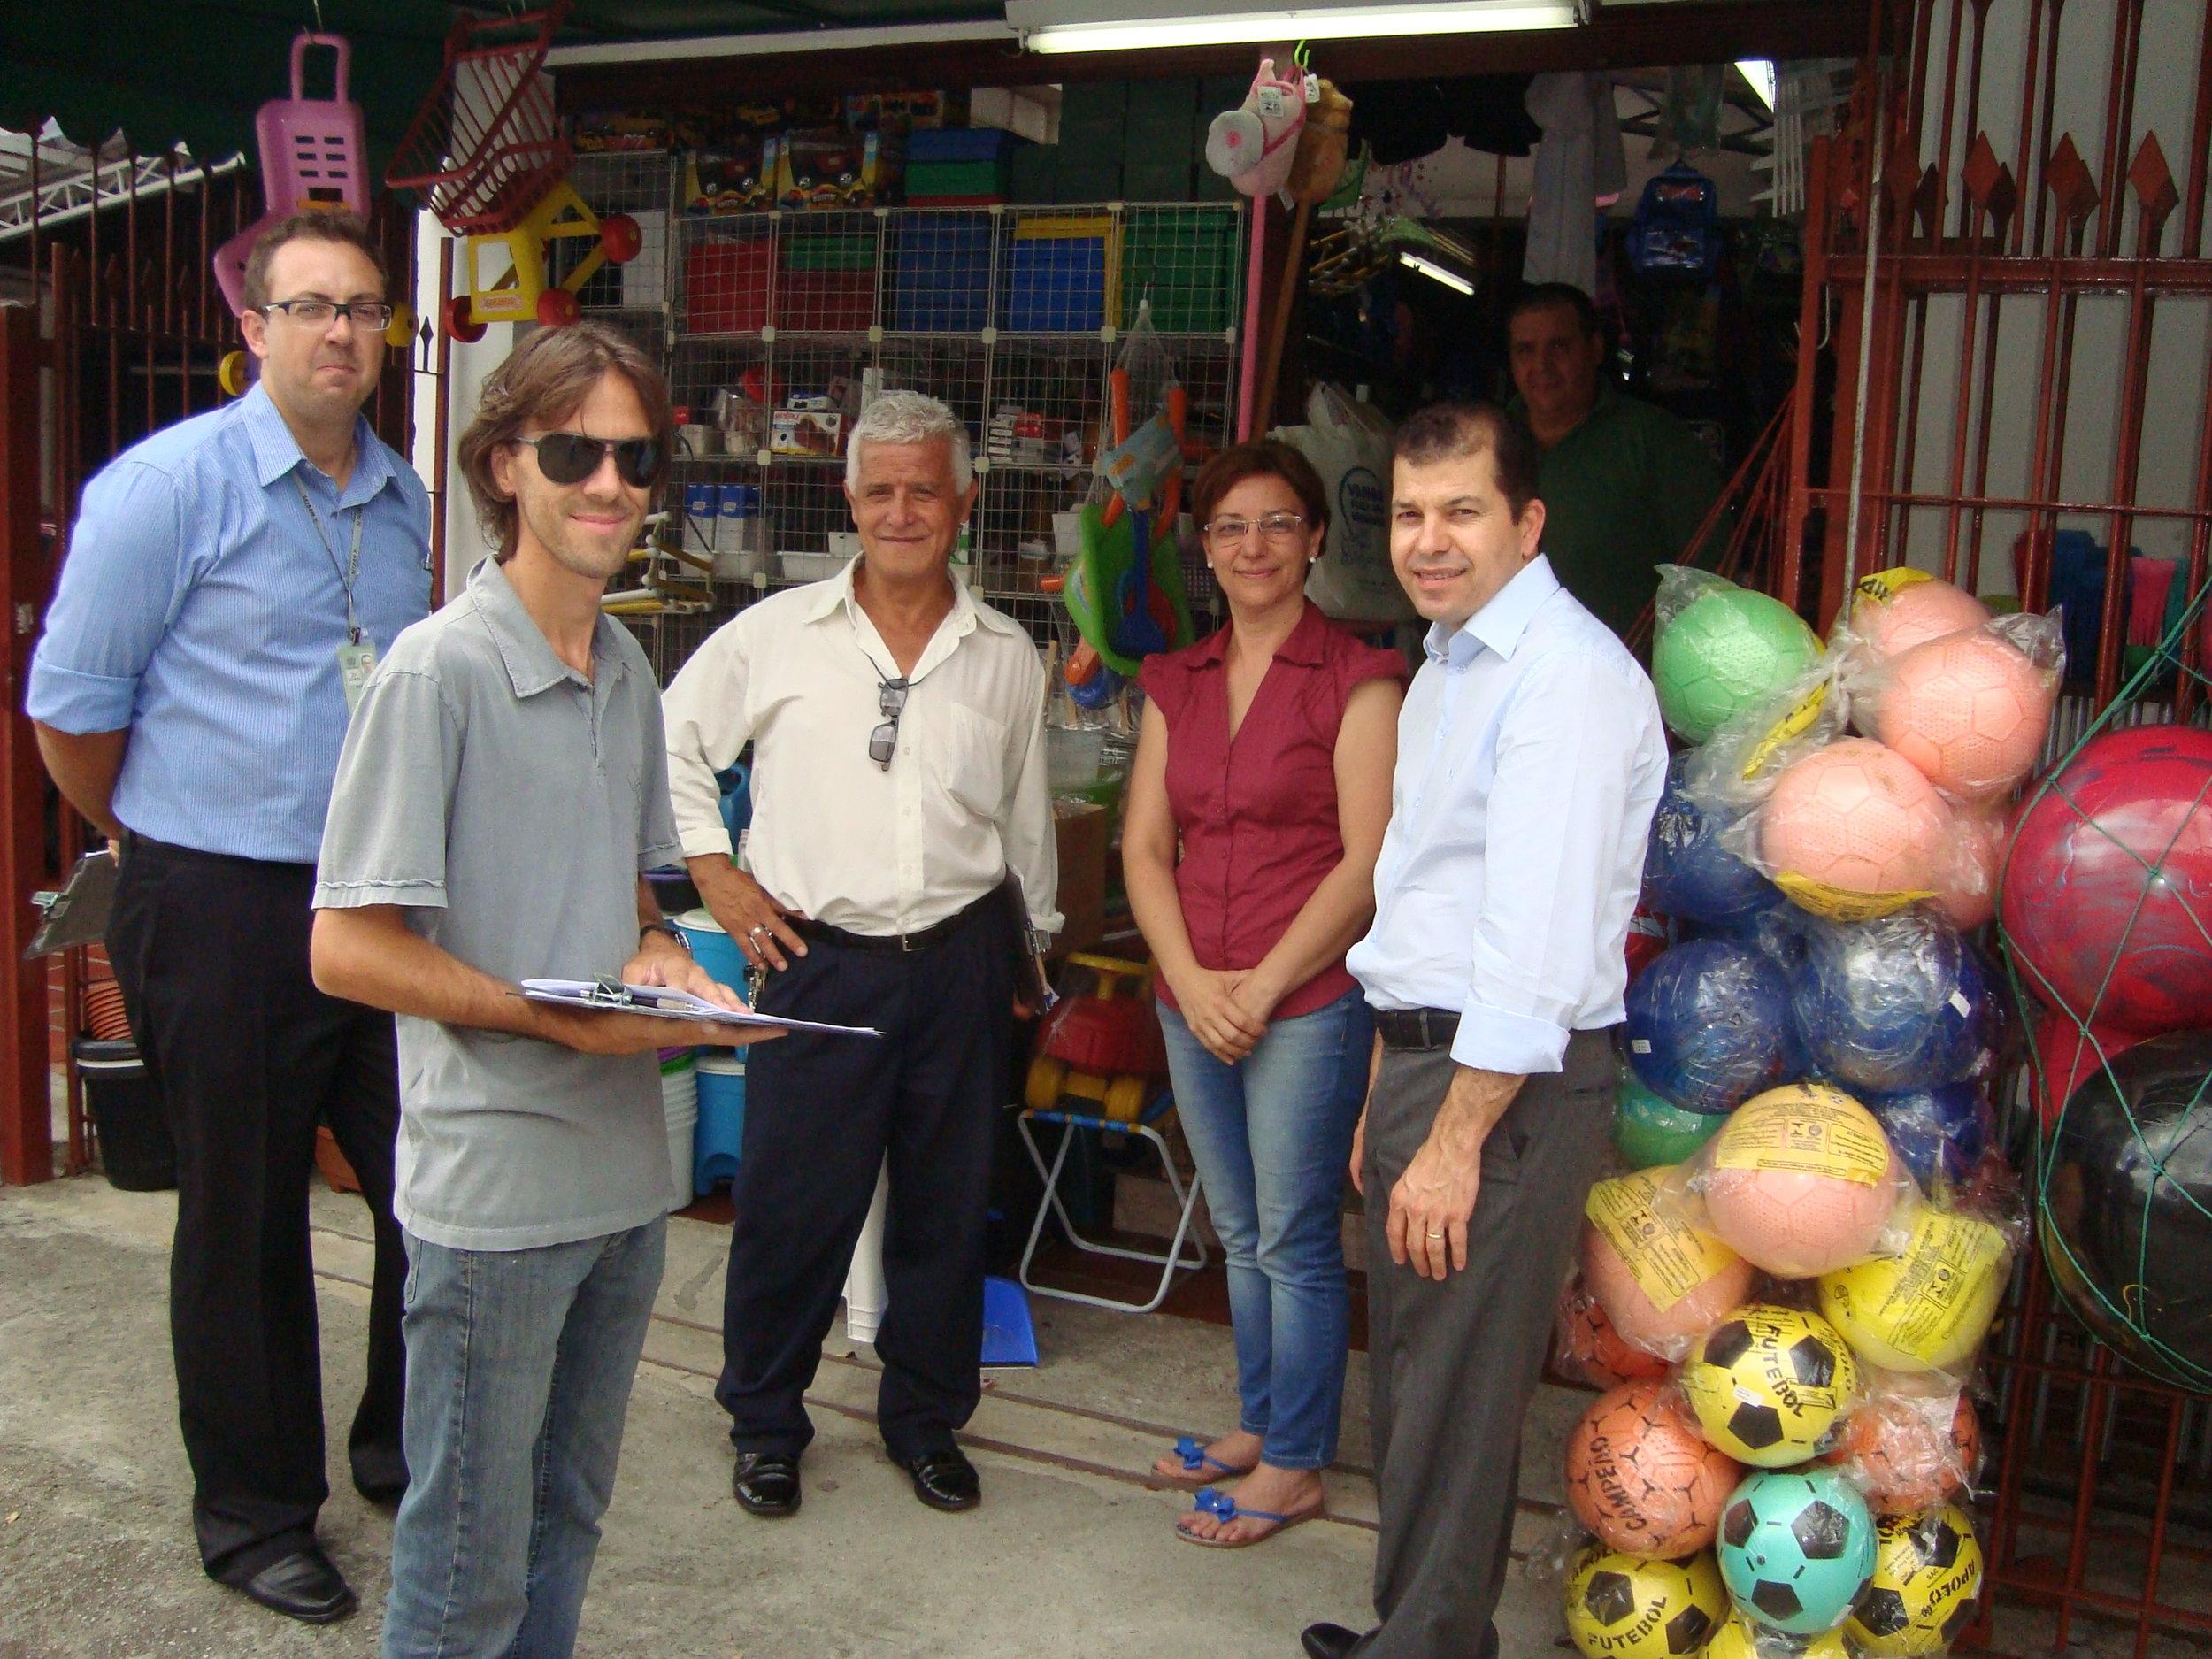 Reuniao na rua Av Sao Jose 571 Setran Eng Guilherme e Gustavo com Serginho e lojistas.JPG